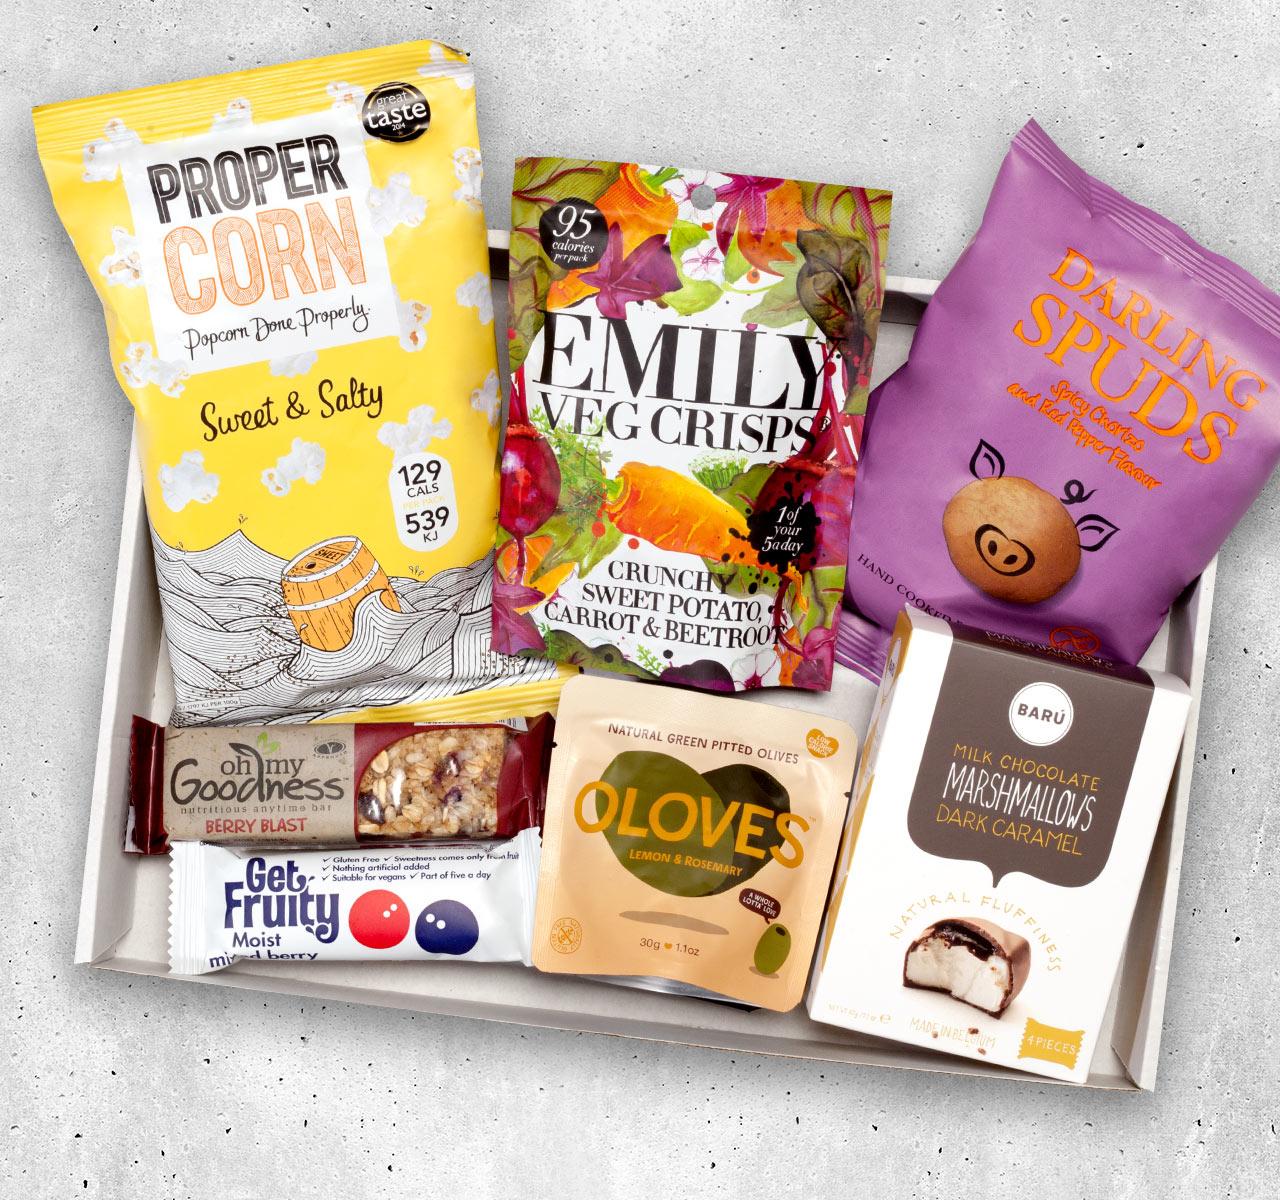 [Foodist] Fine Snacker Box (Active) für 6,45€ statt 12,90€ - Abo, (online-)Kündigung nötig